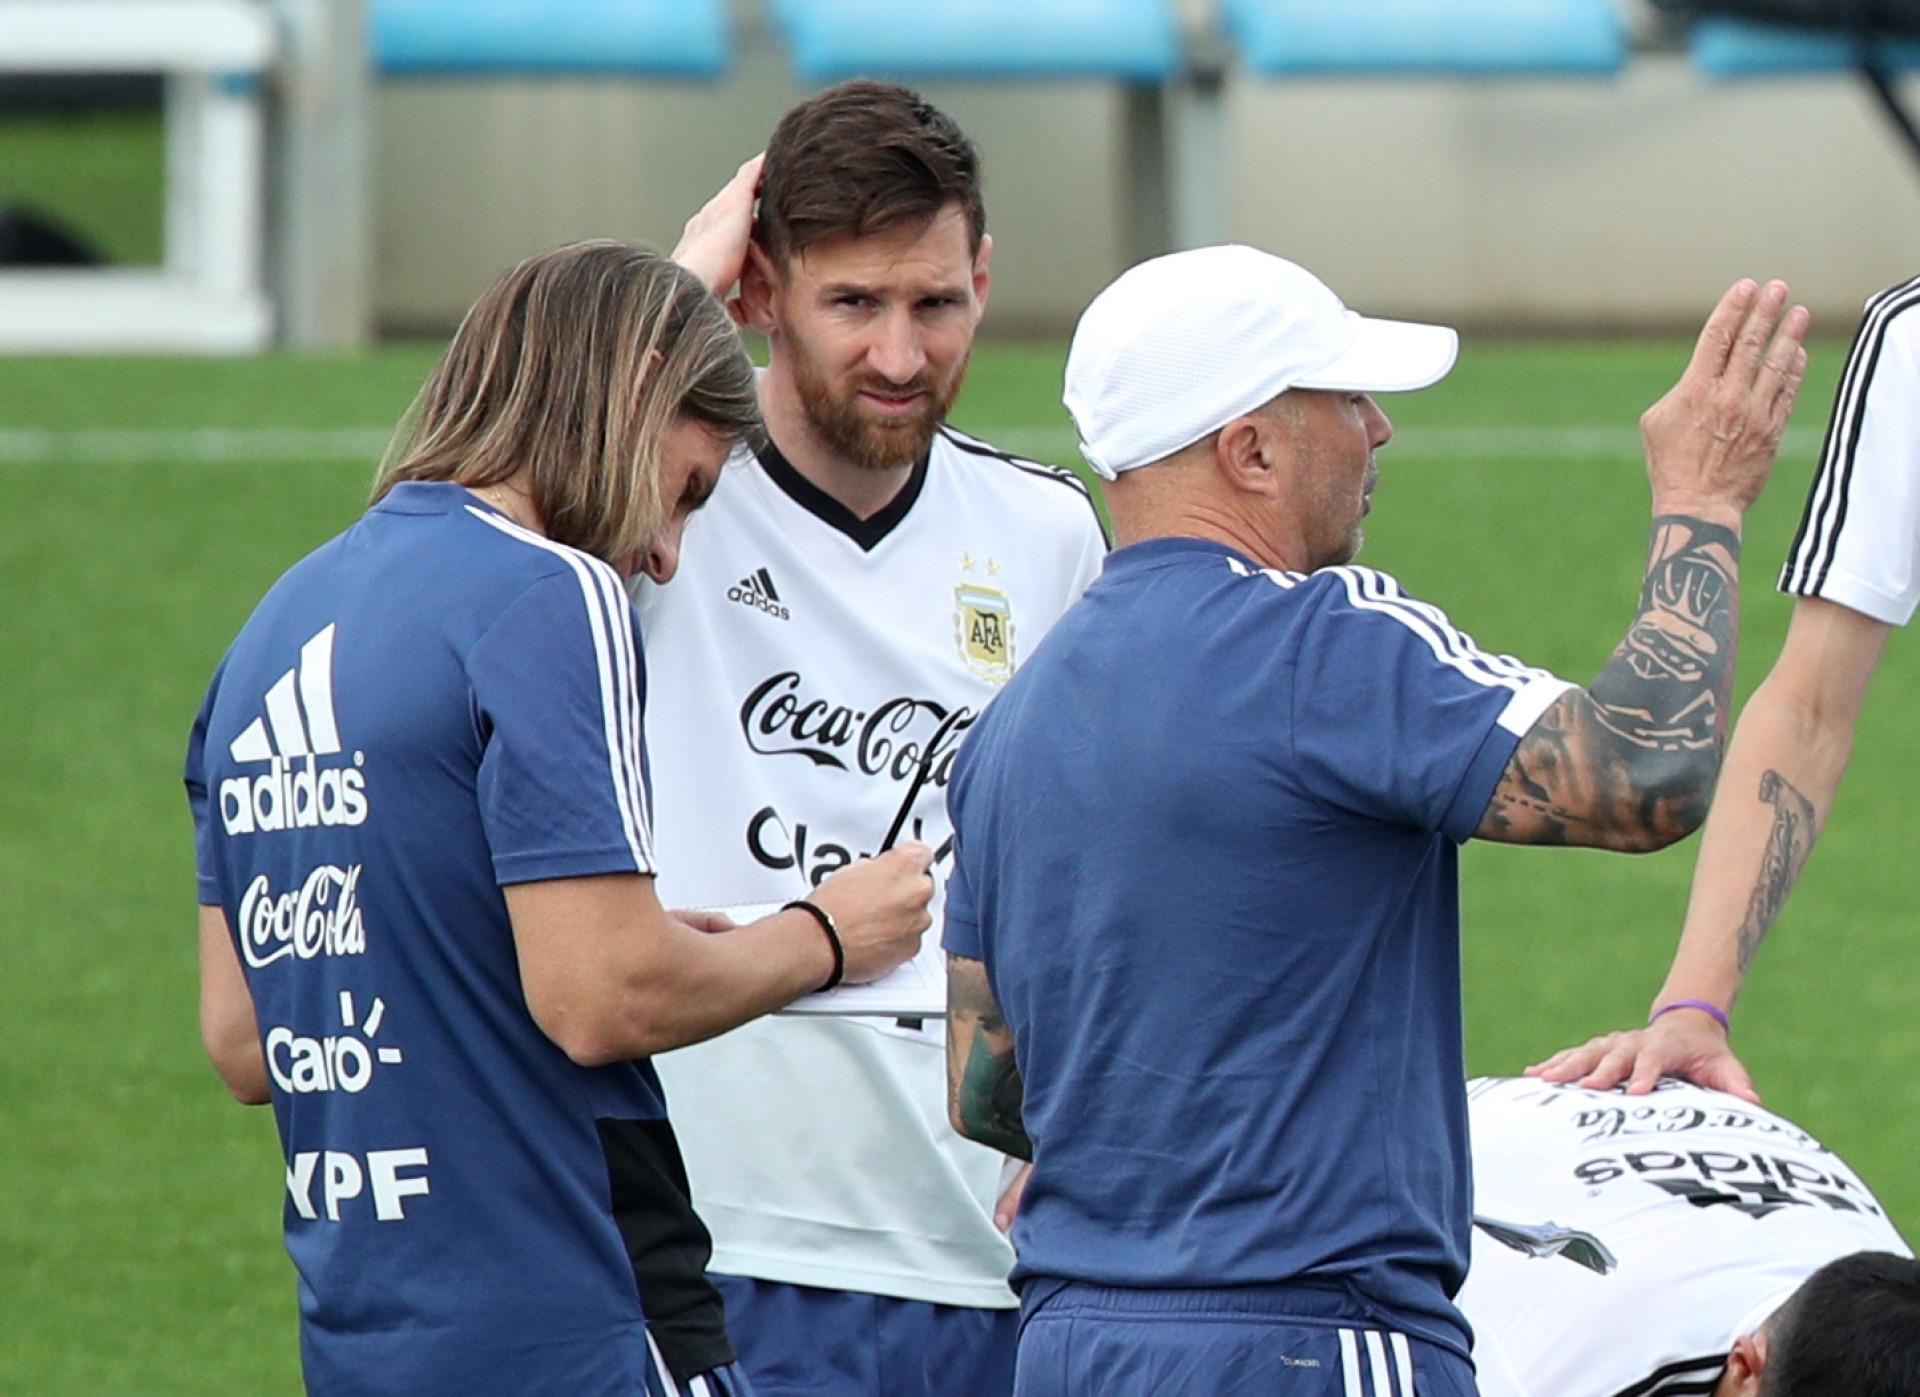 Lá fora: Entrevista de Messi e drama de Rose dominam atenções